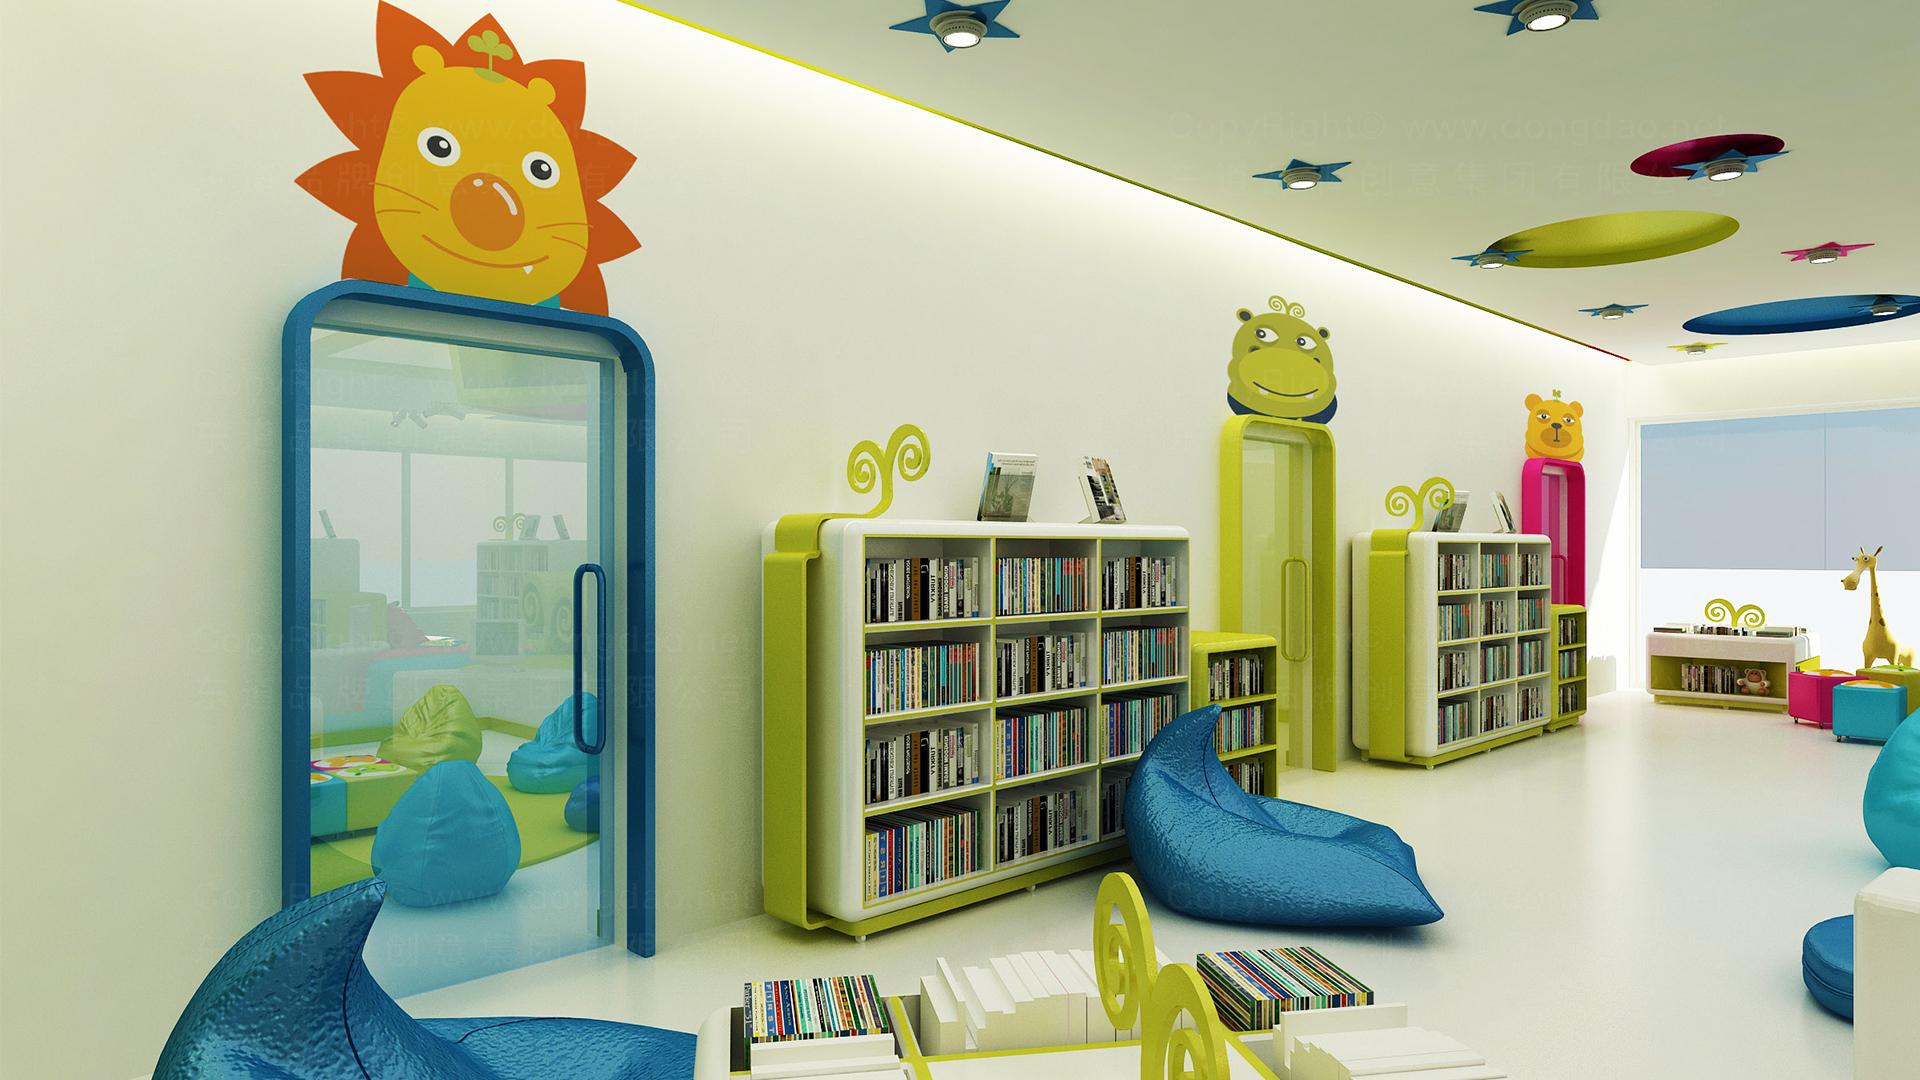 图豆图书馆图书馆终端SI设计应用